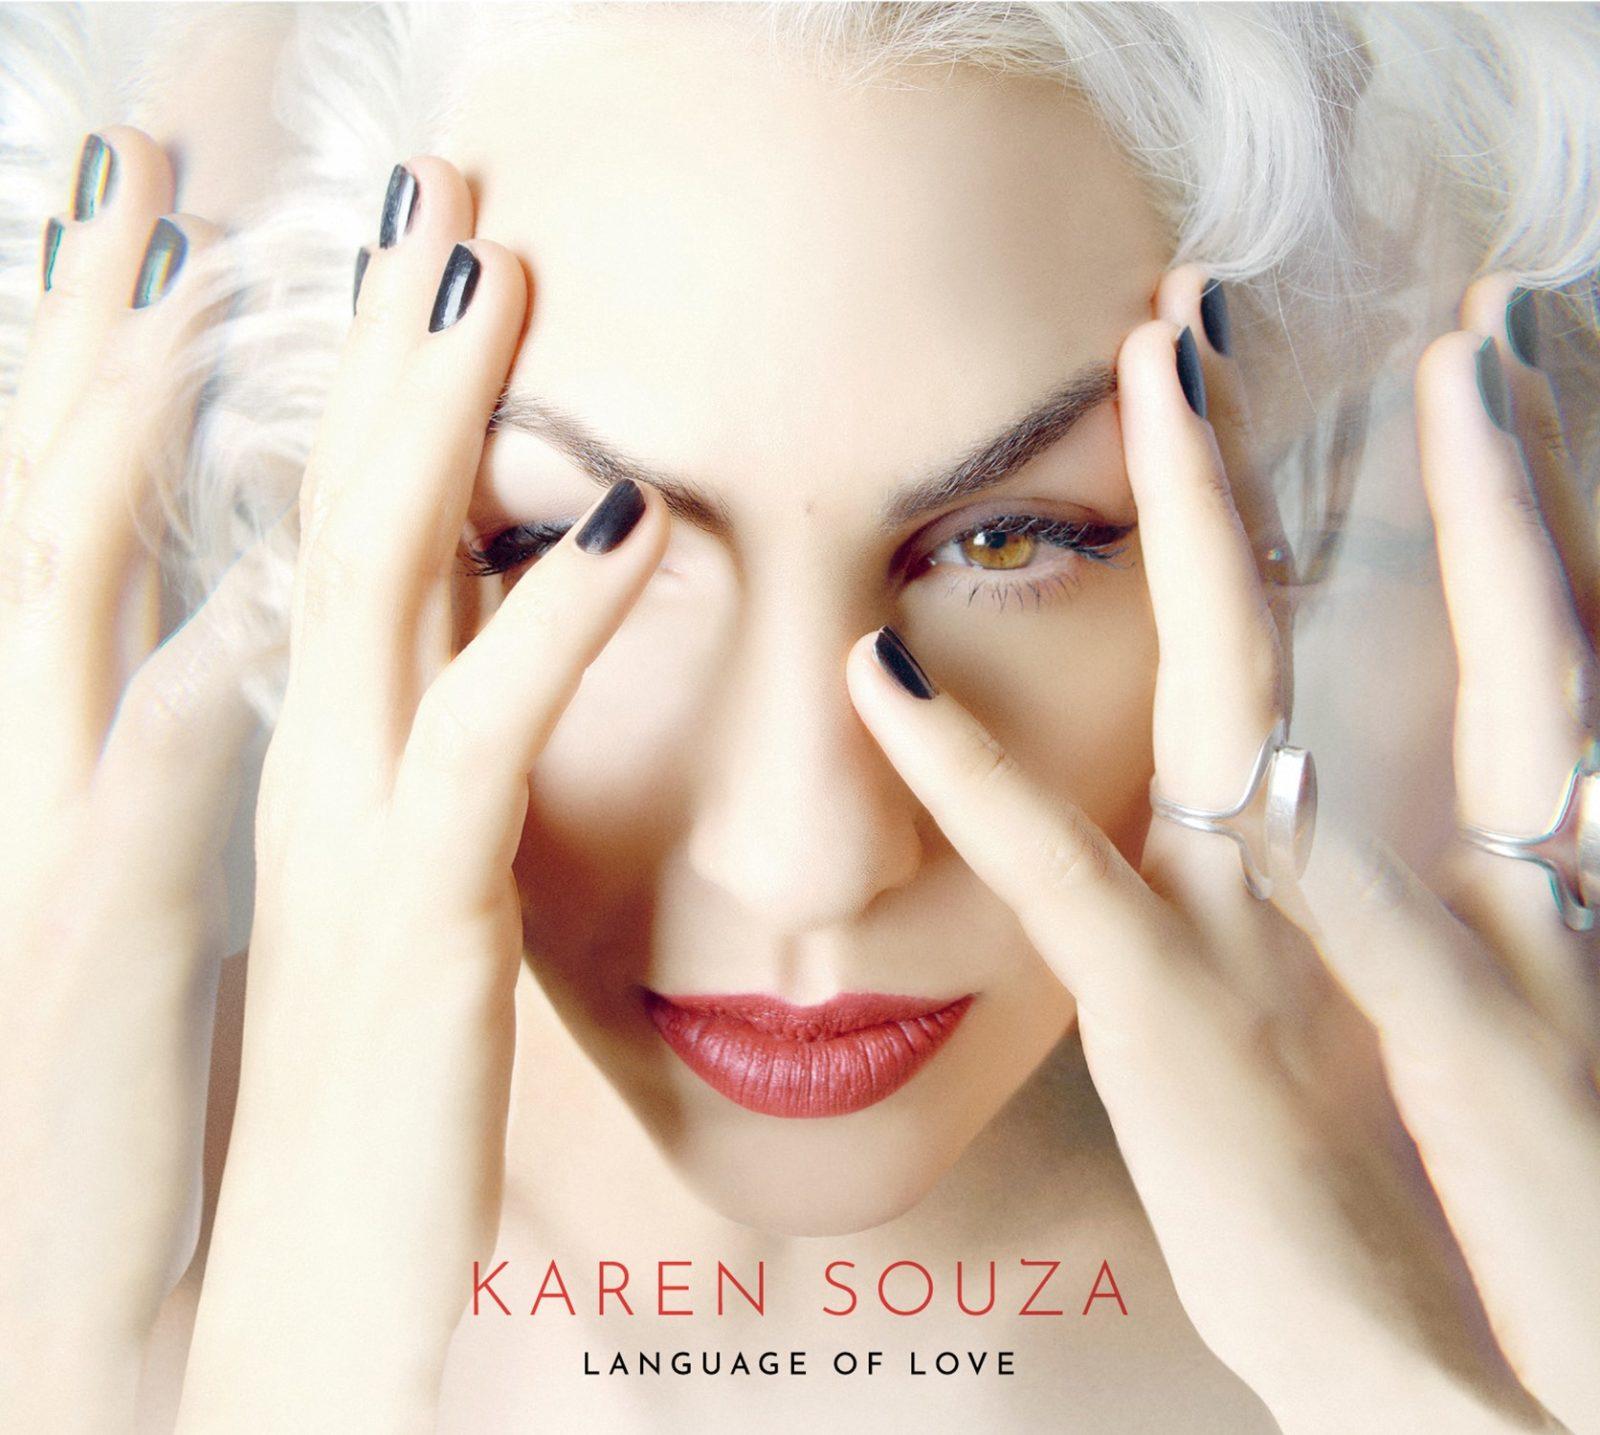 ジャズ・シンガーのカレン・ソウサ、約3年ぶりの新作発表サムネイル画像